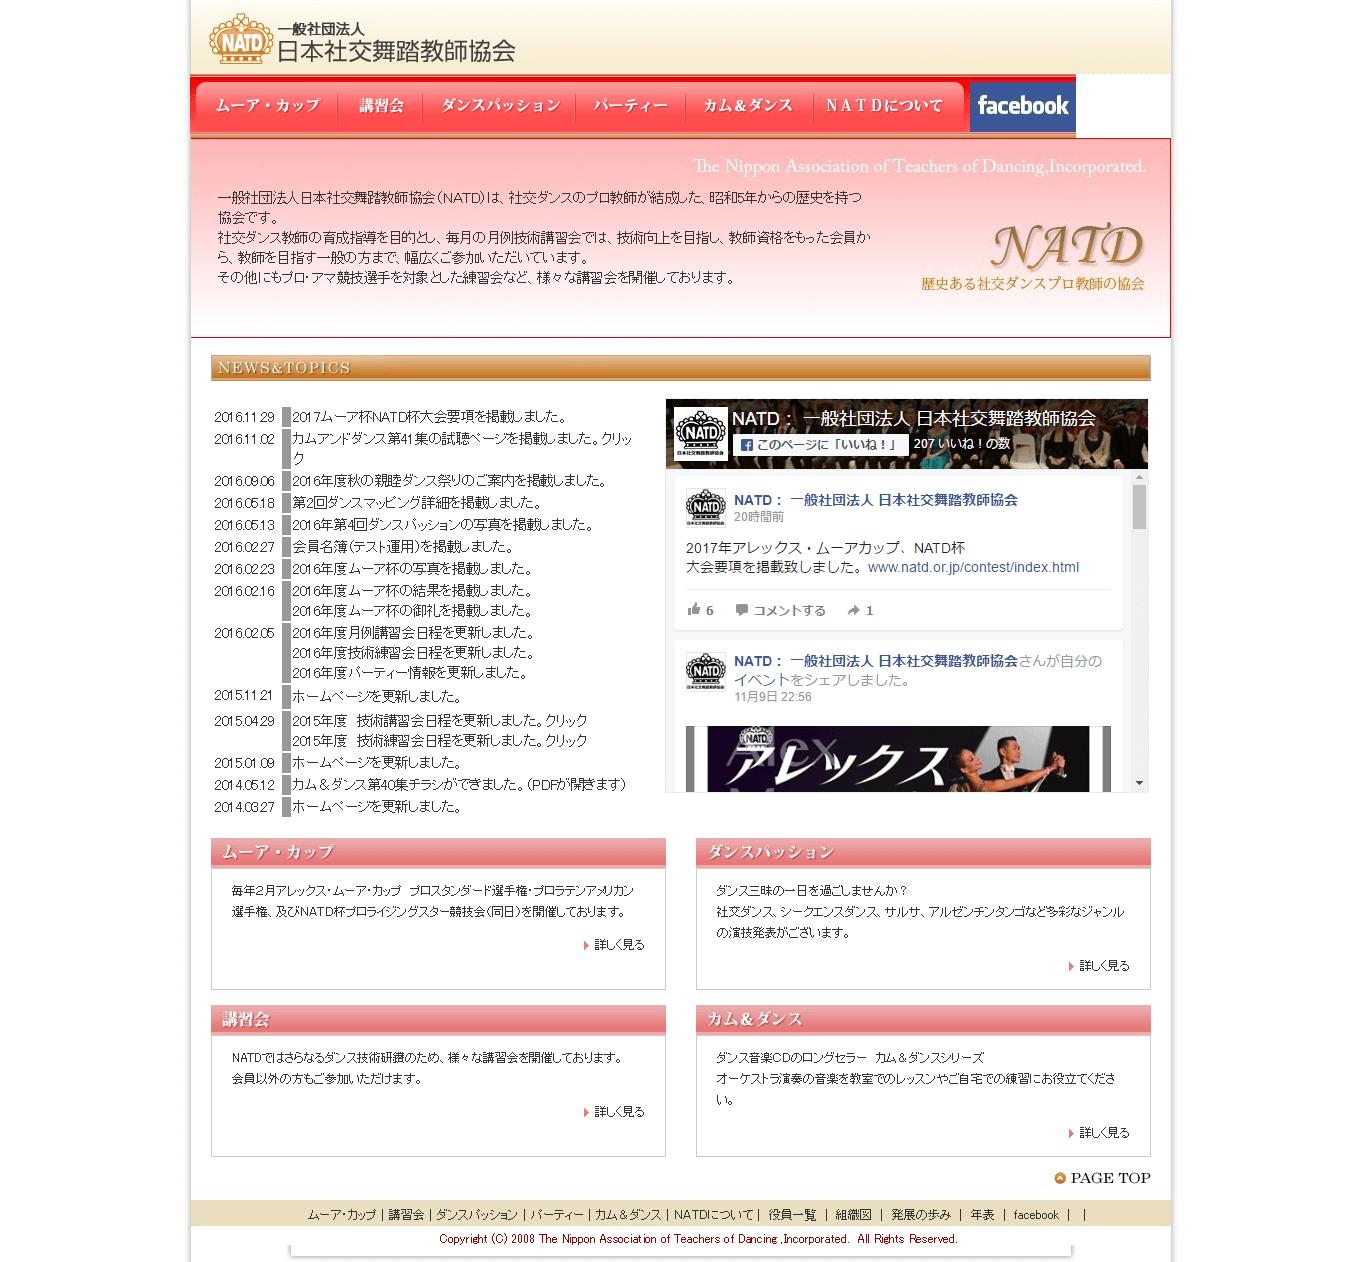 一般社団法人 日本社交舞踏教師協会(NATD)スクリーンショット